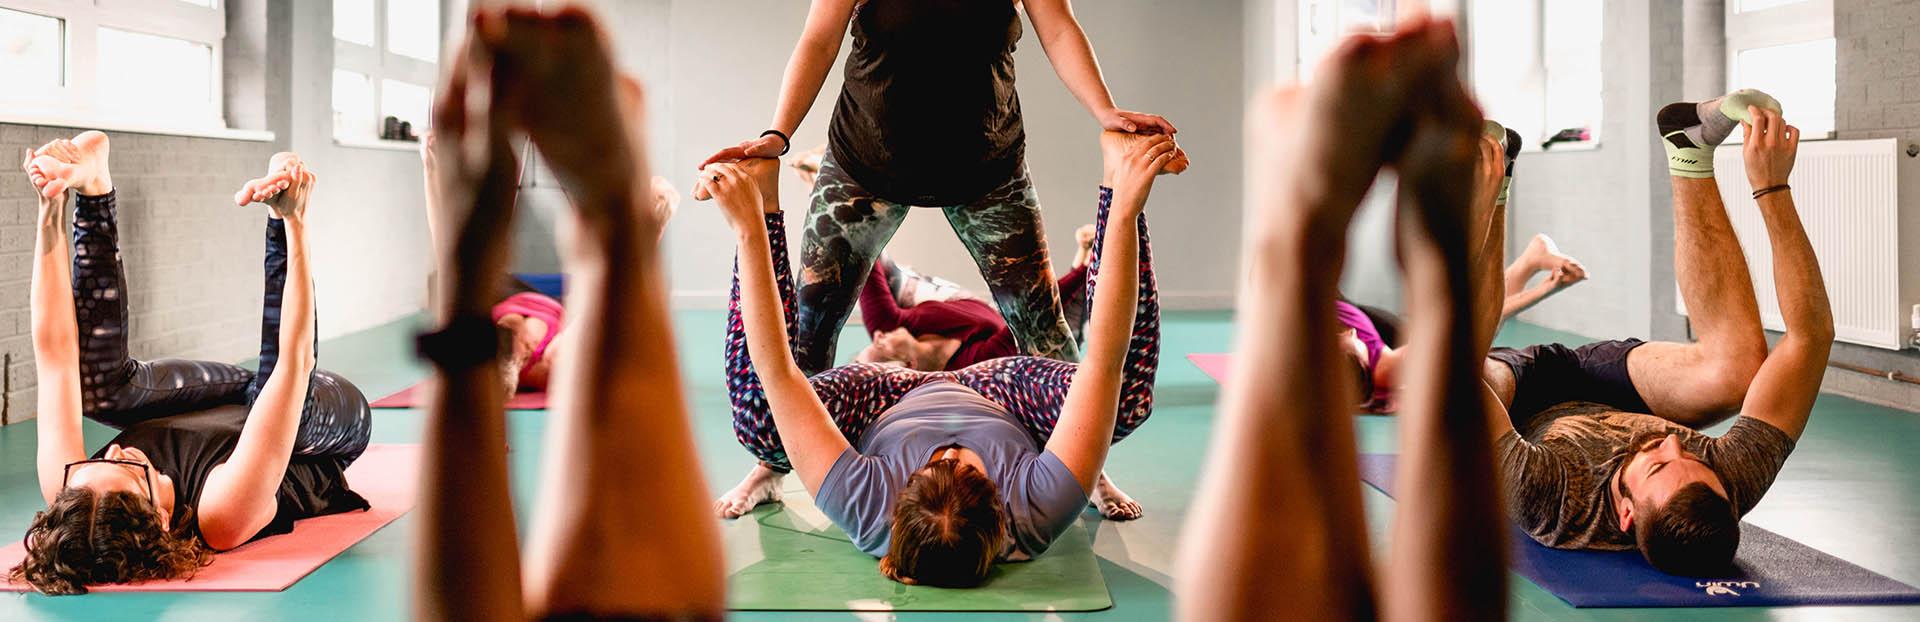 yoga class in sutton coldfield